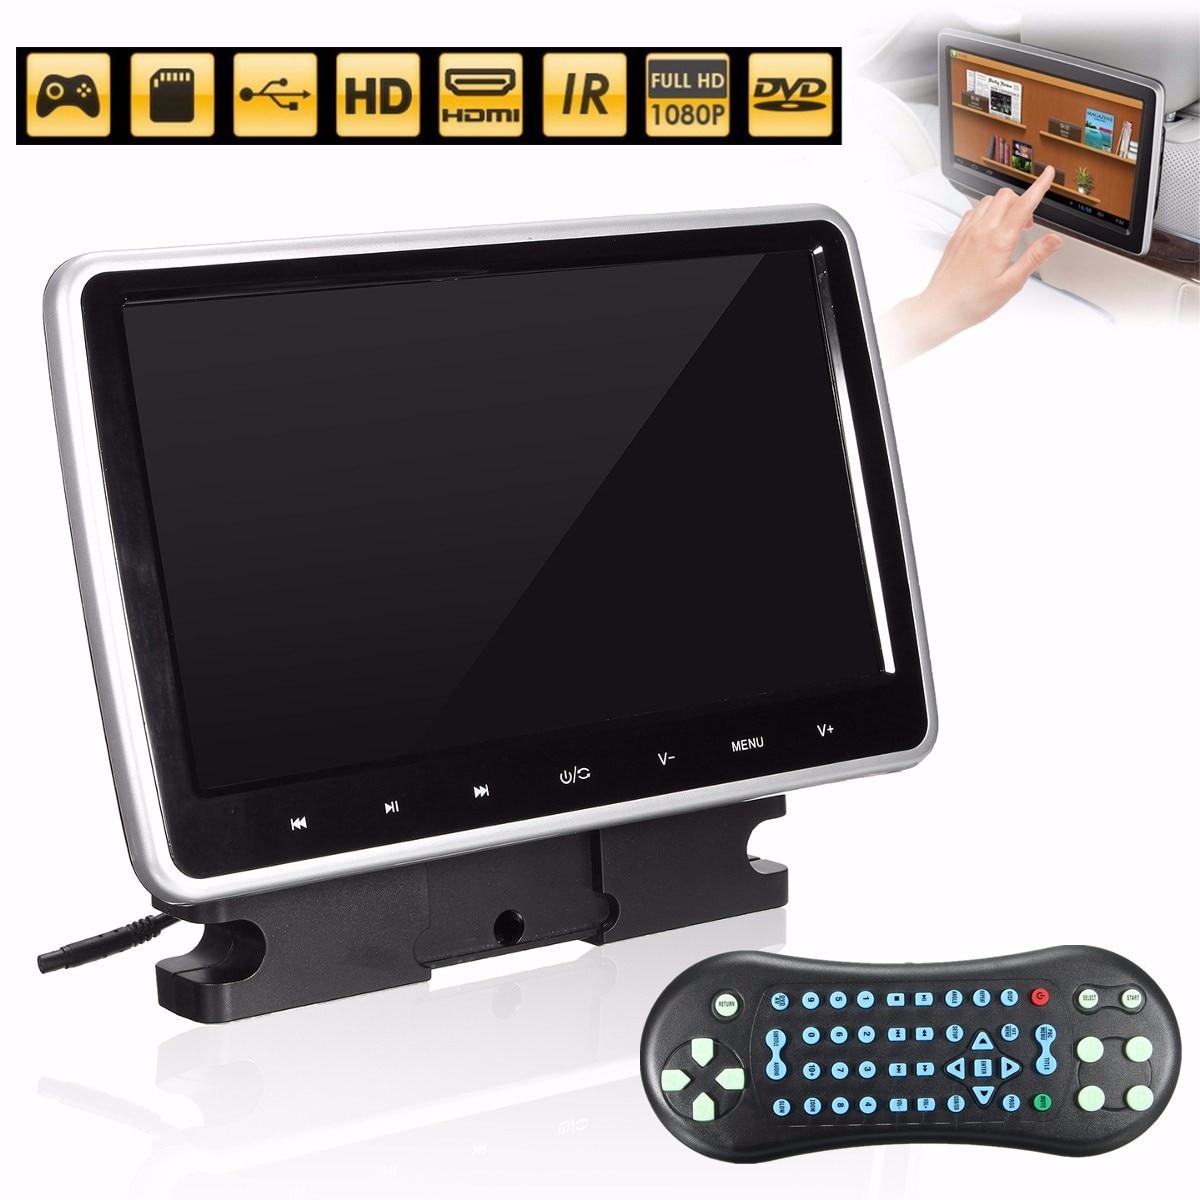 10 pouce LCD 1024X600 Portable Voiture Lecteur DVD Universel De Voiture LCD DVD Joueur Actif HD pour Tactile Appui-Tête moniteur Jeu Poignée